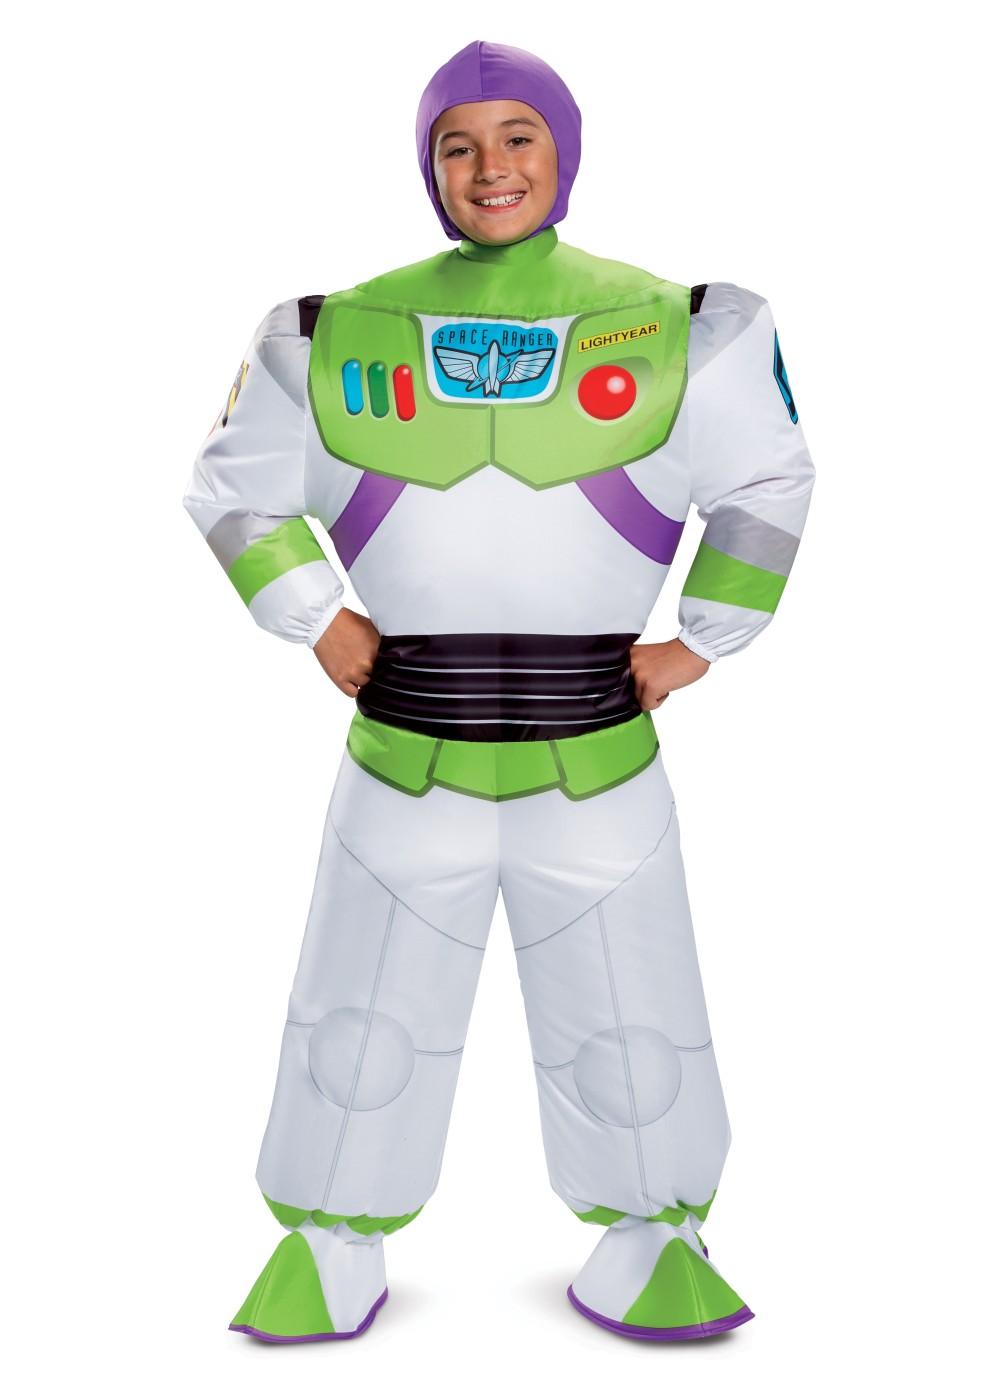 Prestige Adult Costume Buzz Lightyear Disney Toy Story